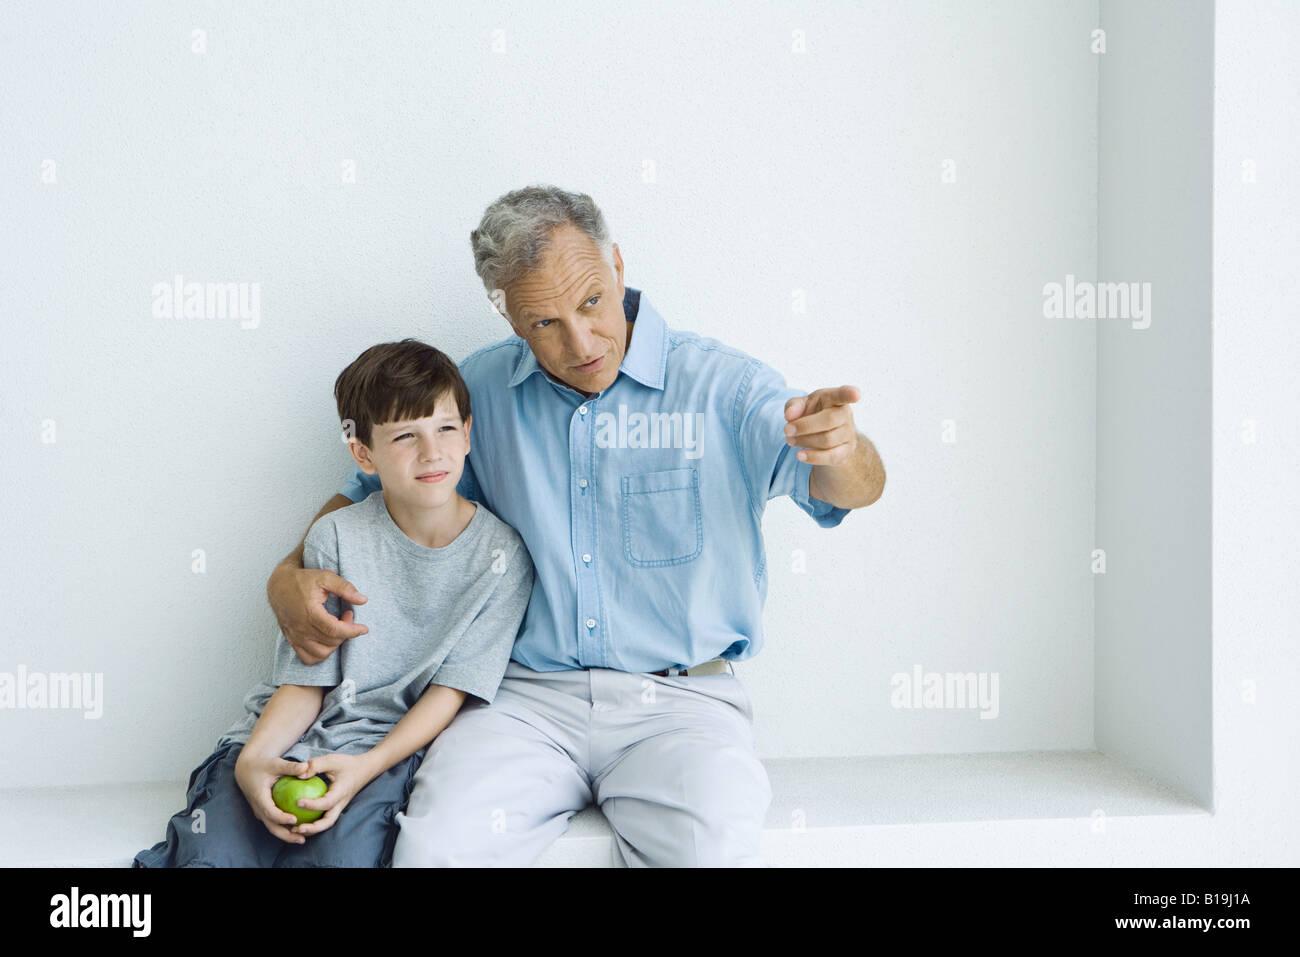 Großvater und Enkel zusammensitzen, Mann zeigte, junge hält Apfel Stockbild